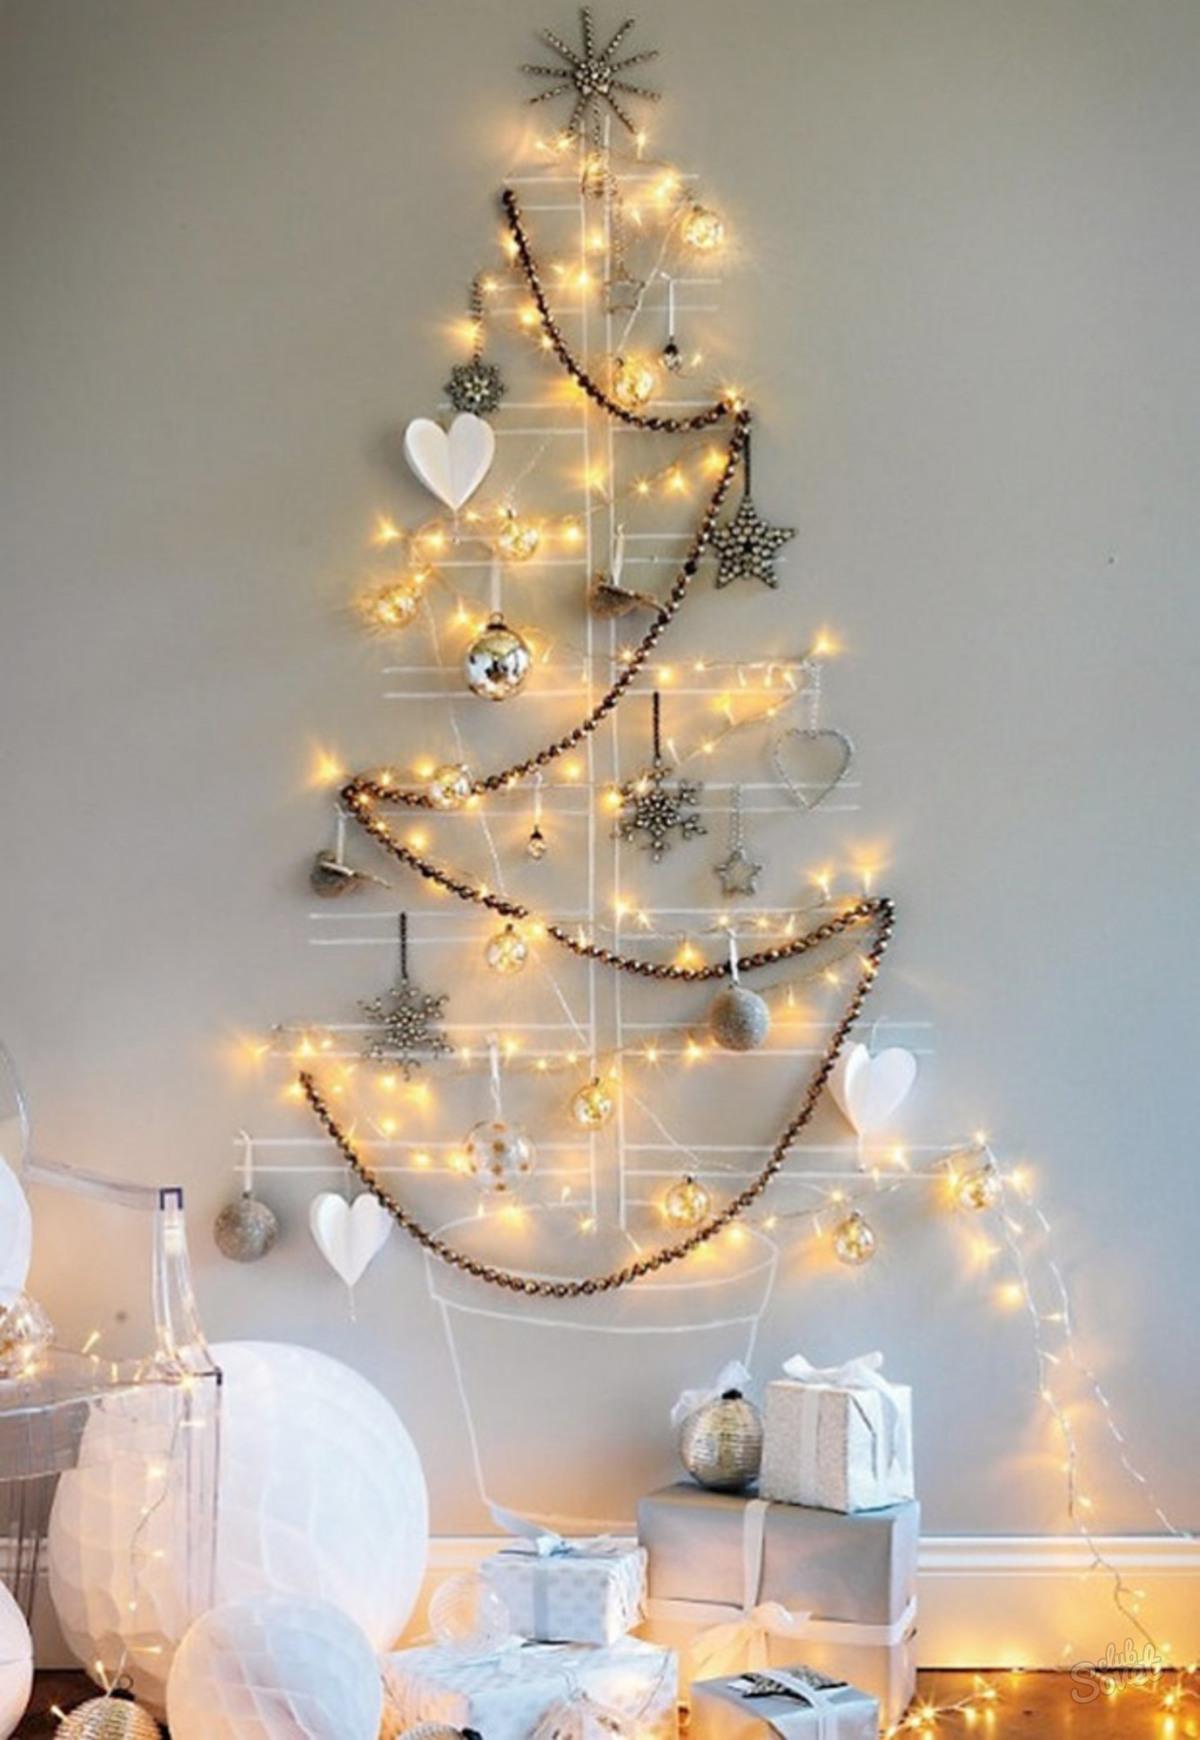 Как украсит дом на новый год своими руками